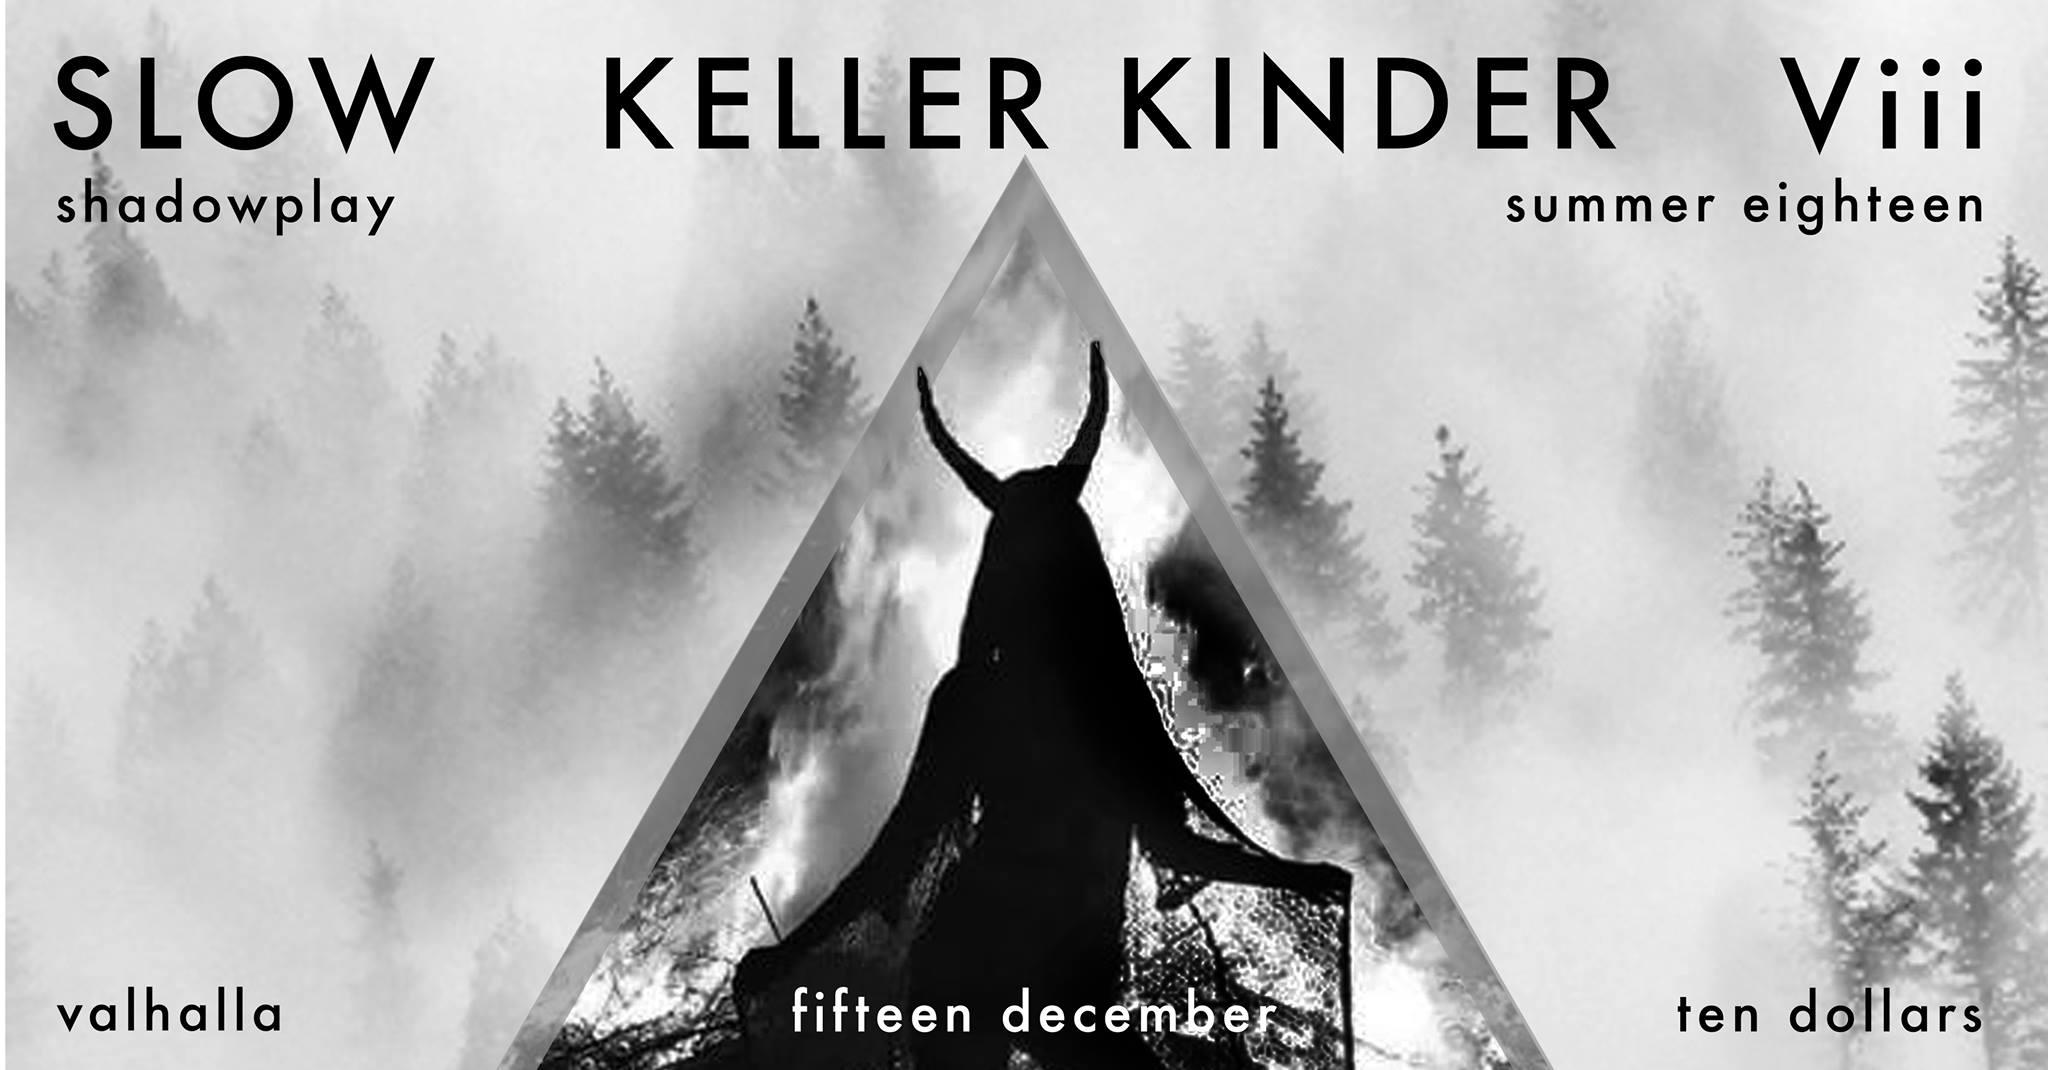 Keller Kinder, Slow, Viii!